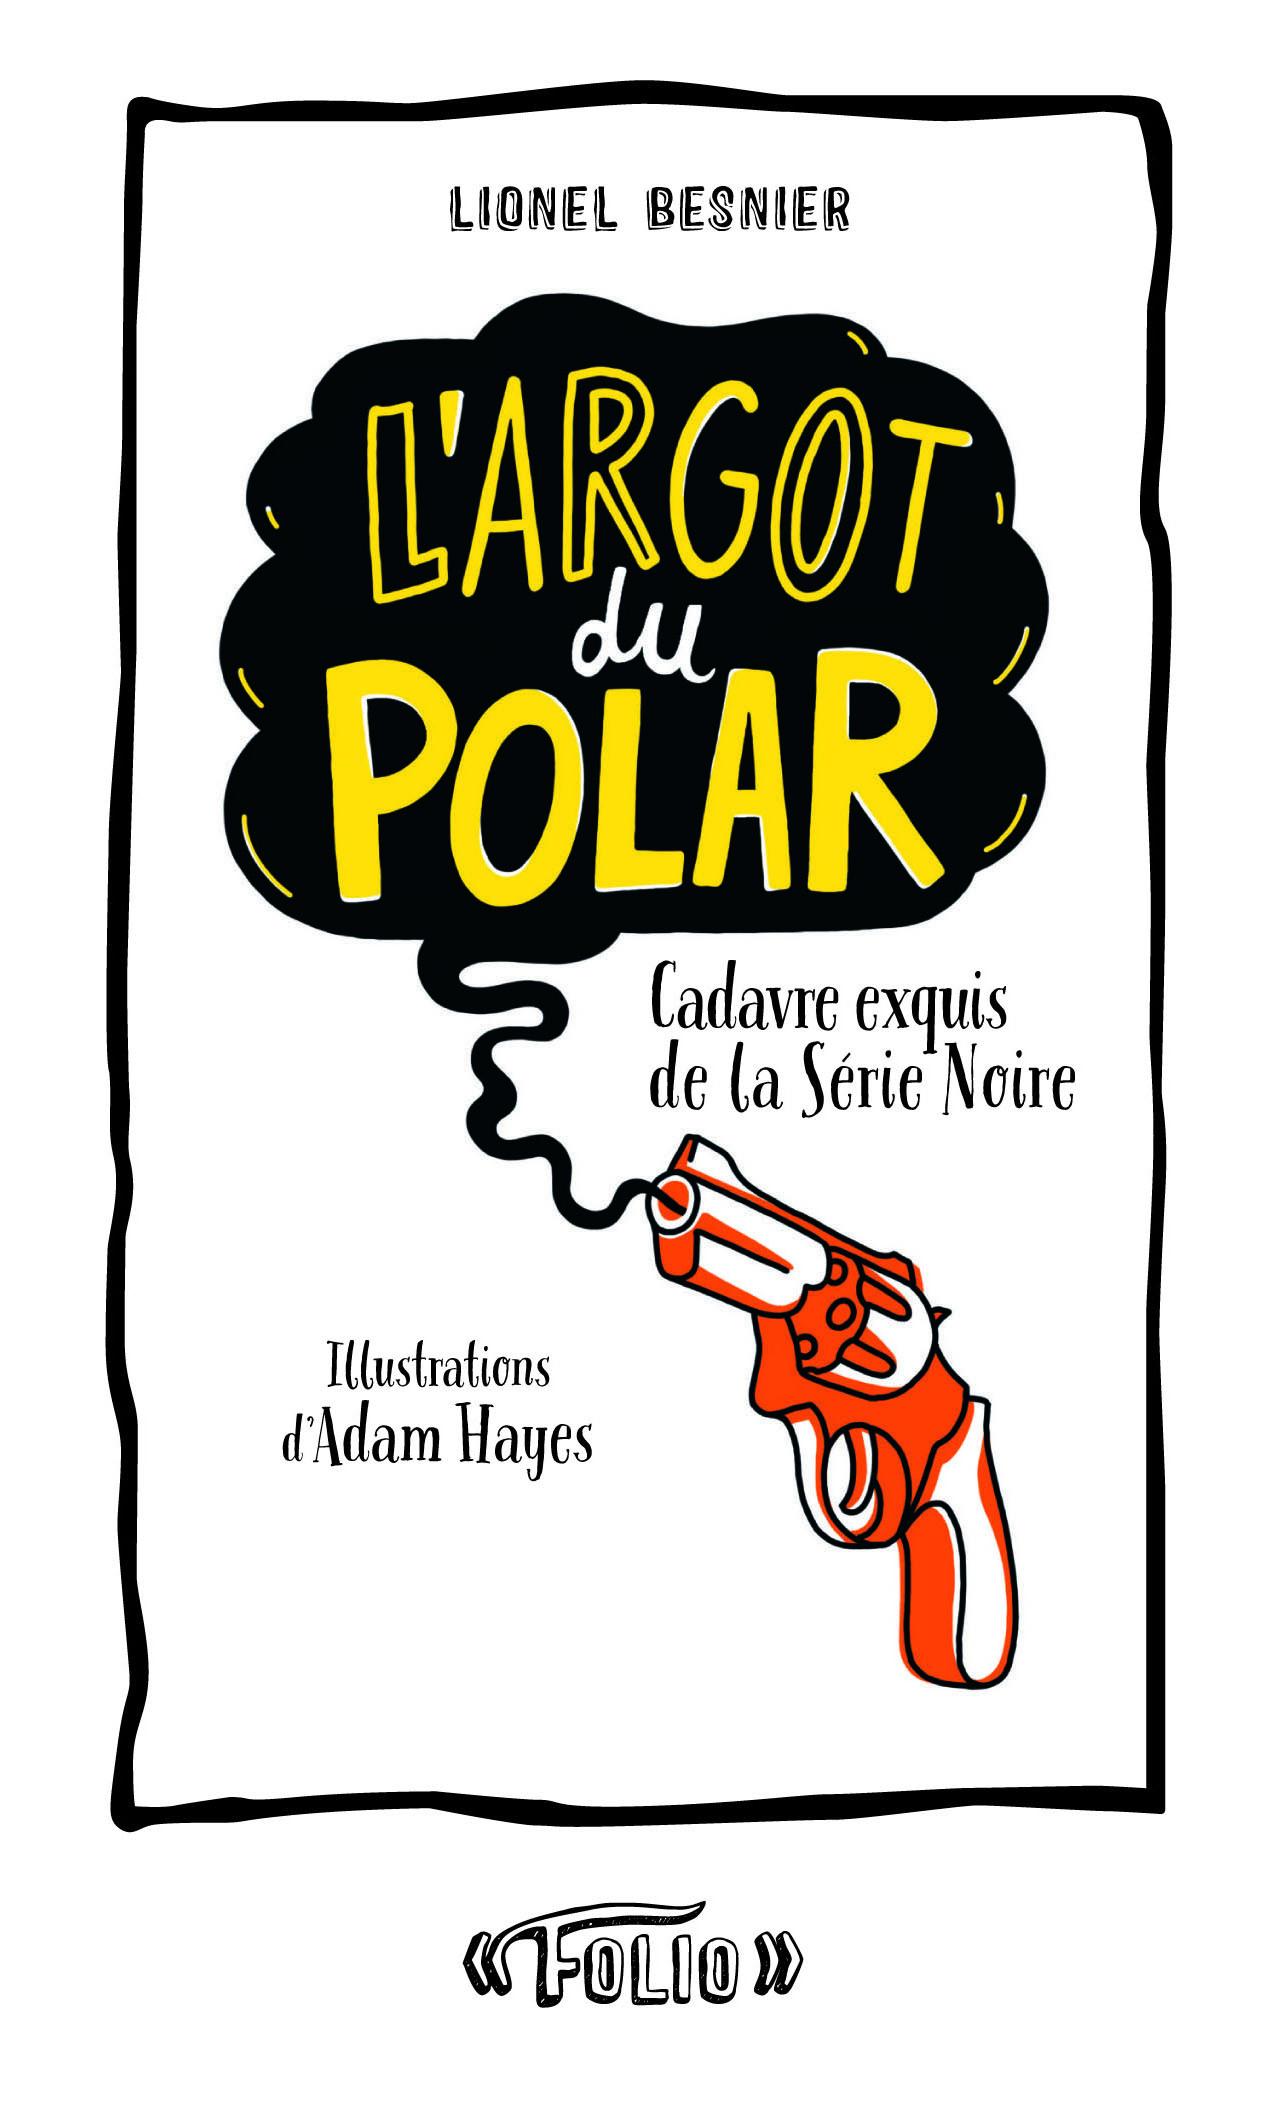 L'ARGOT DU POLAR CADAVRE EXQUIS DE LA SERIE NOIRE